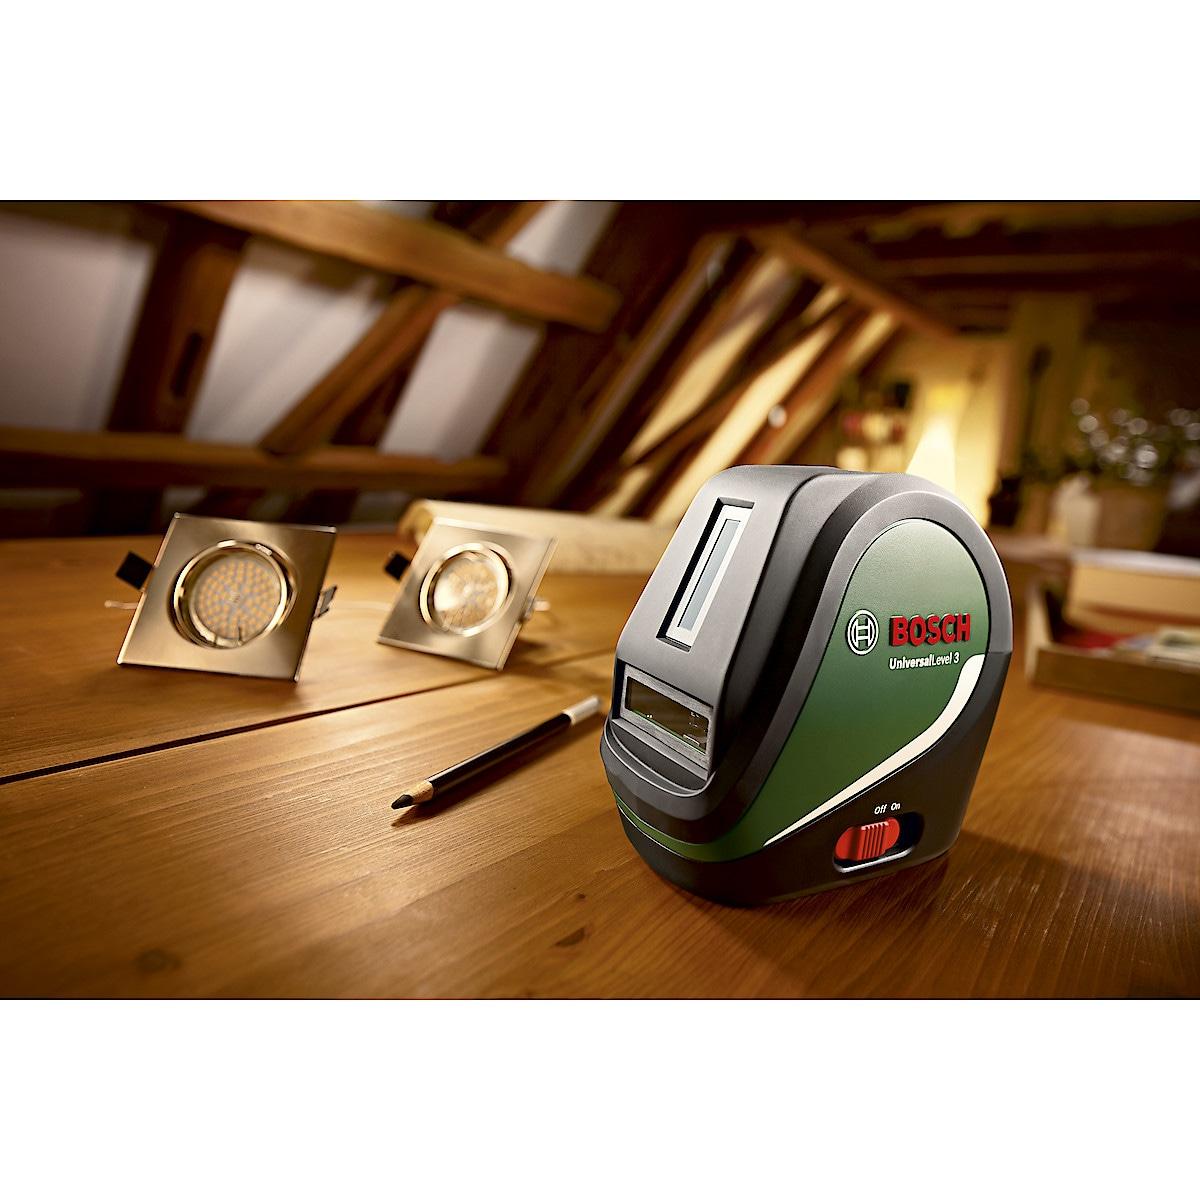 Ristilaser Bosch UniversalLevel 3